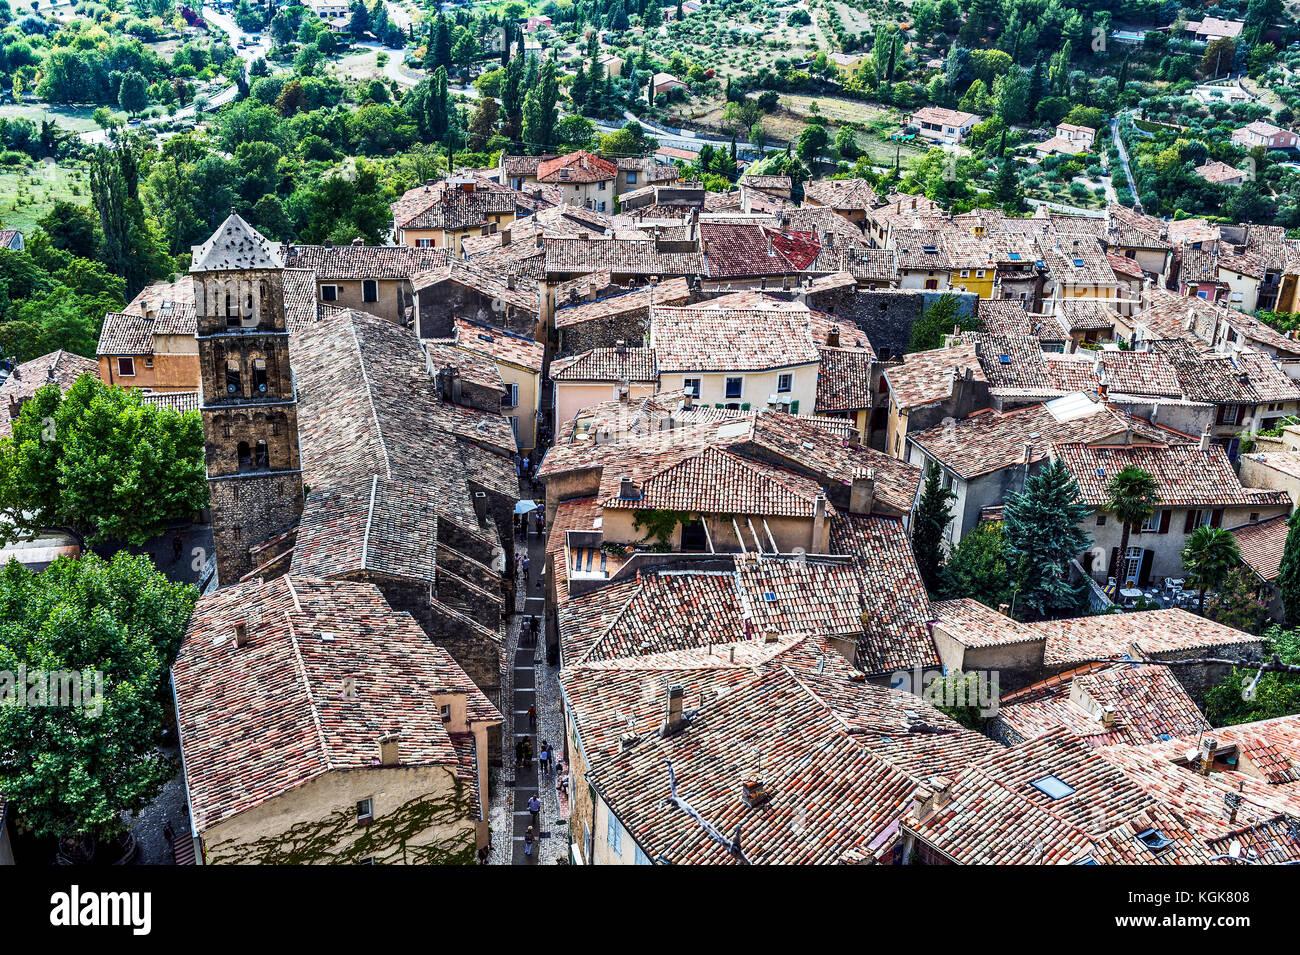 France. Alpes-de-Haute-Provence (04), Regional Natural Park of Verdon. Moustiers-Sainte-Marie, known for its earthenware, Stock Photo